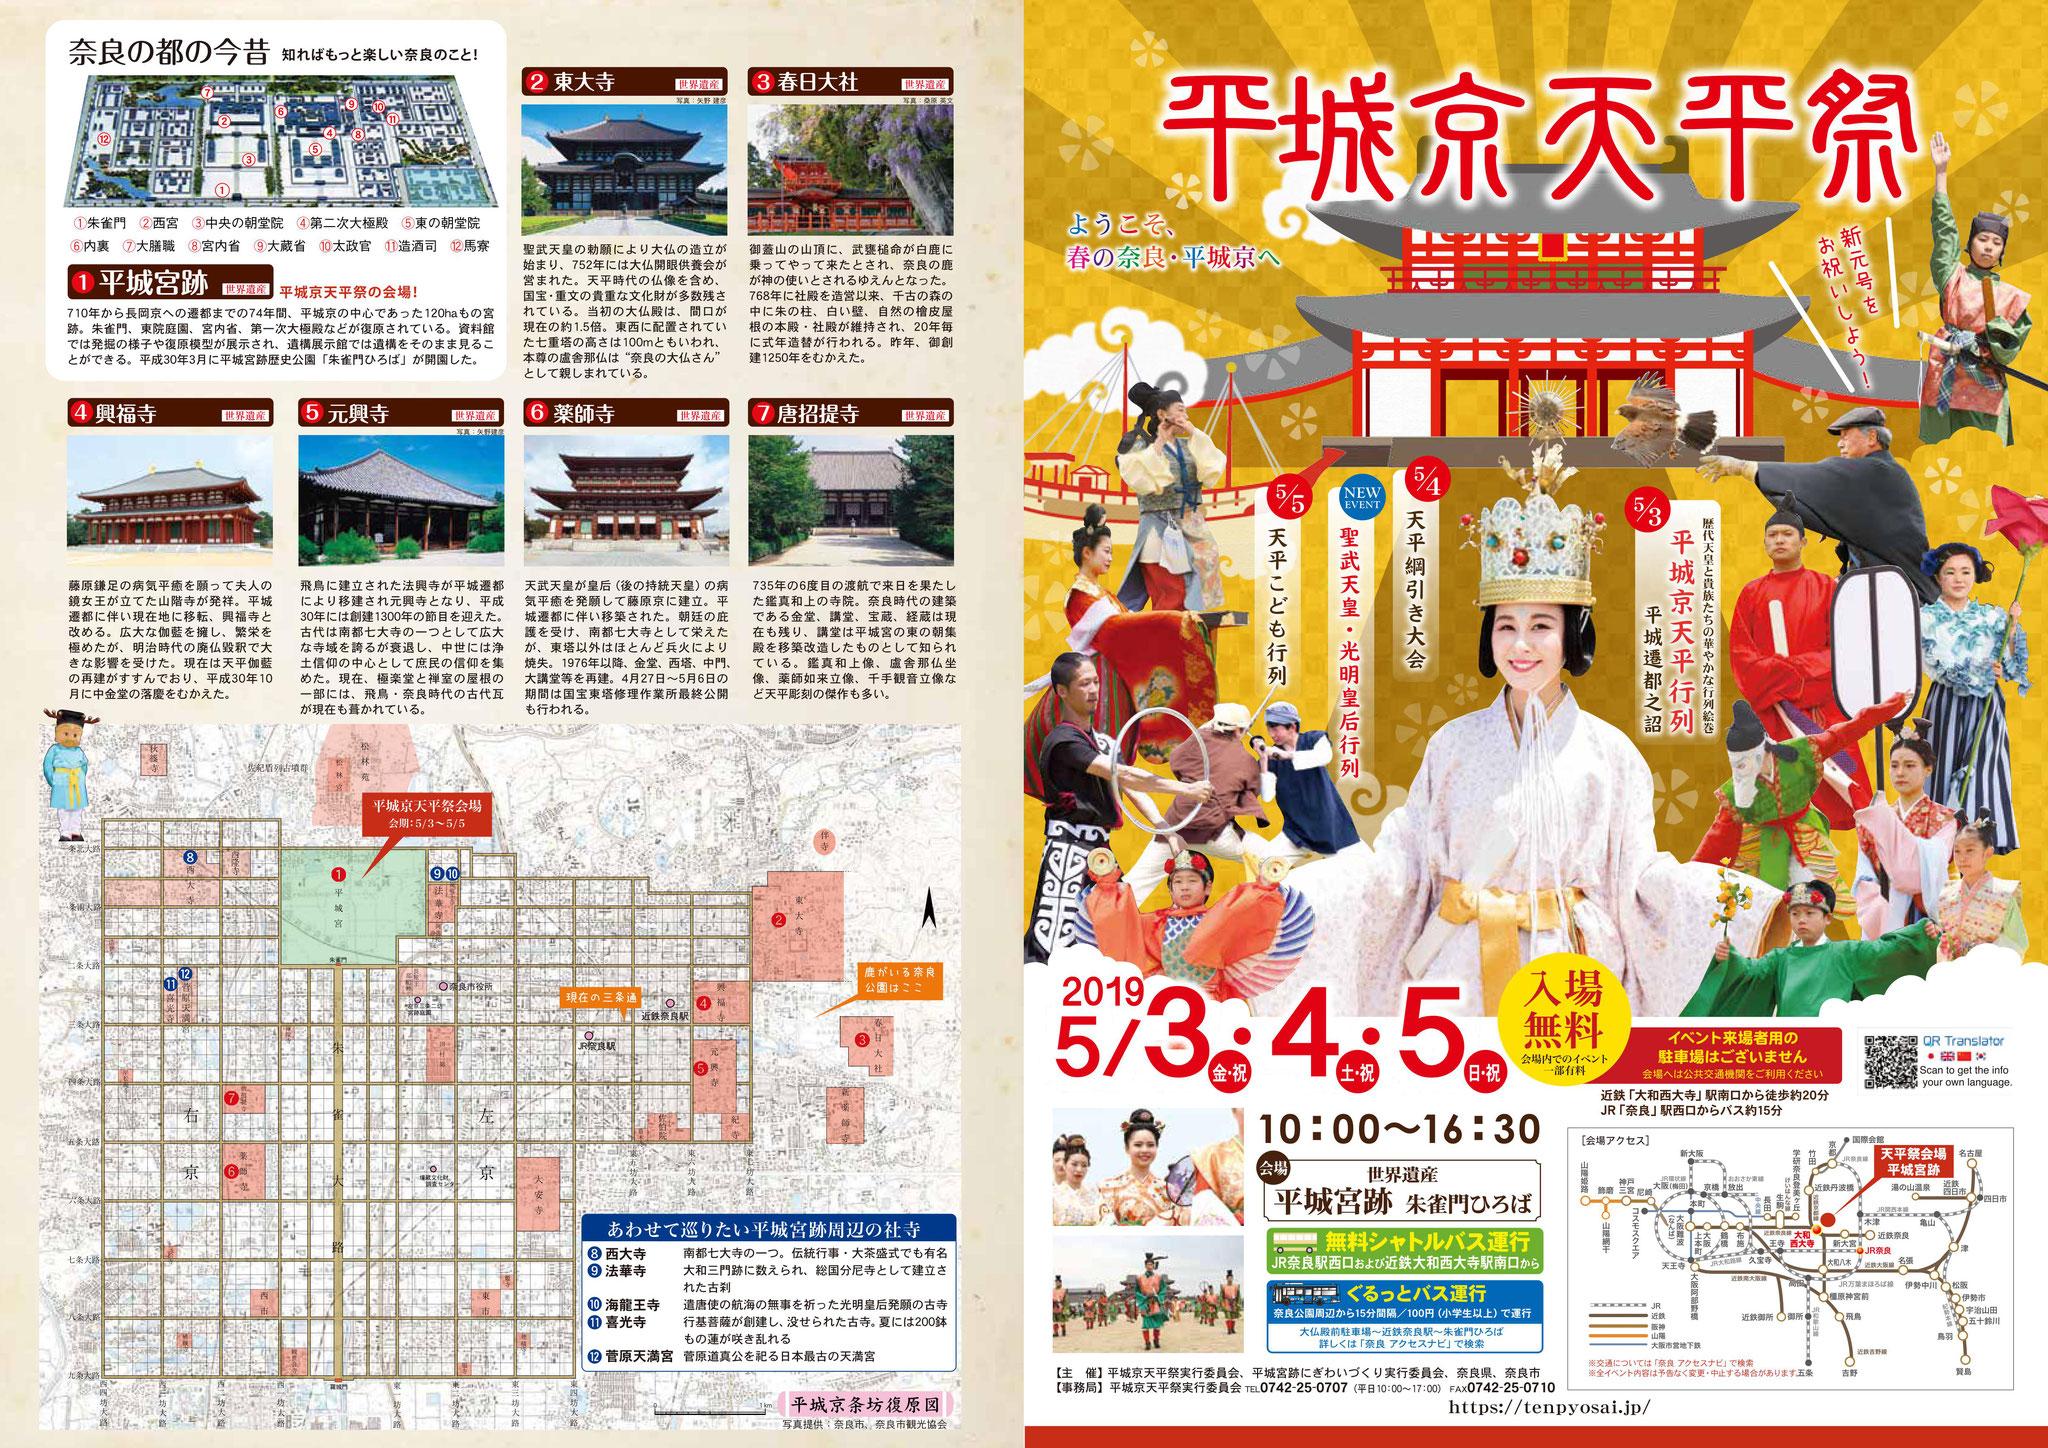 平城京天平祭2019